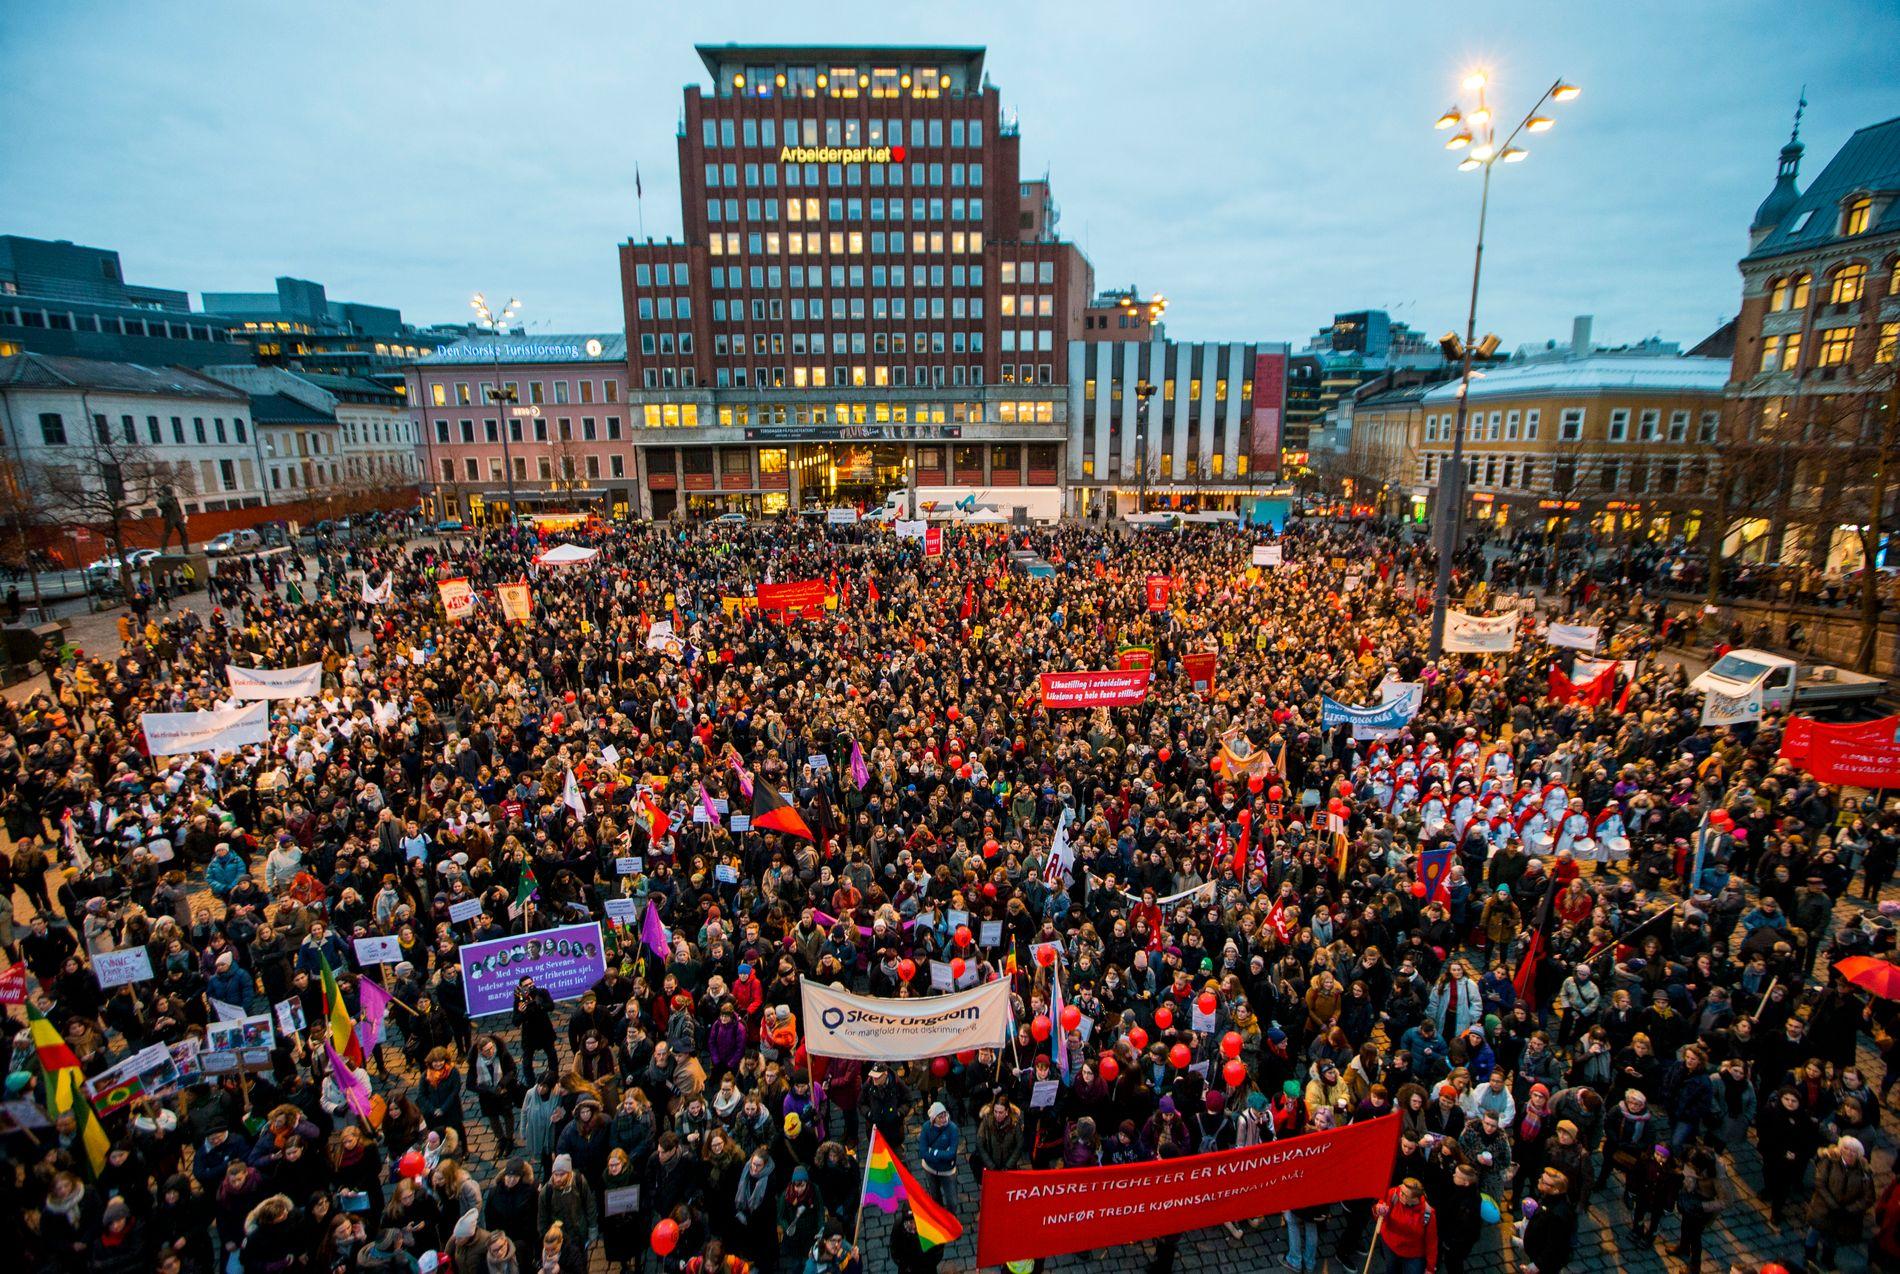 STORT OPPMØTE: Slik så det ut på kvinnedagen 8. mars på Youngstorget i Oslo i fjor.